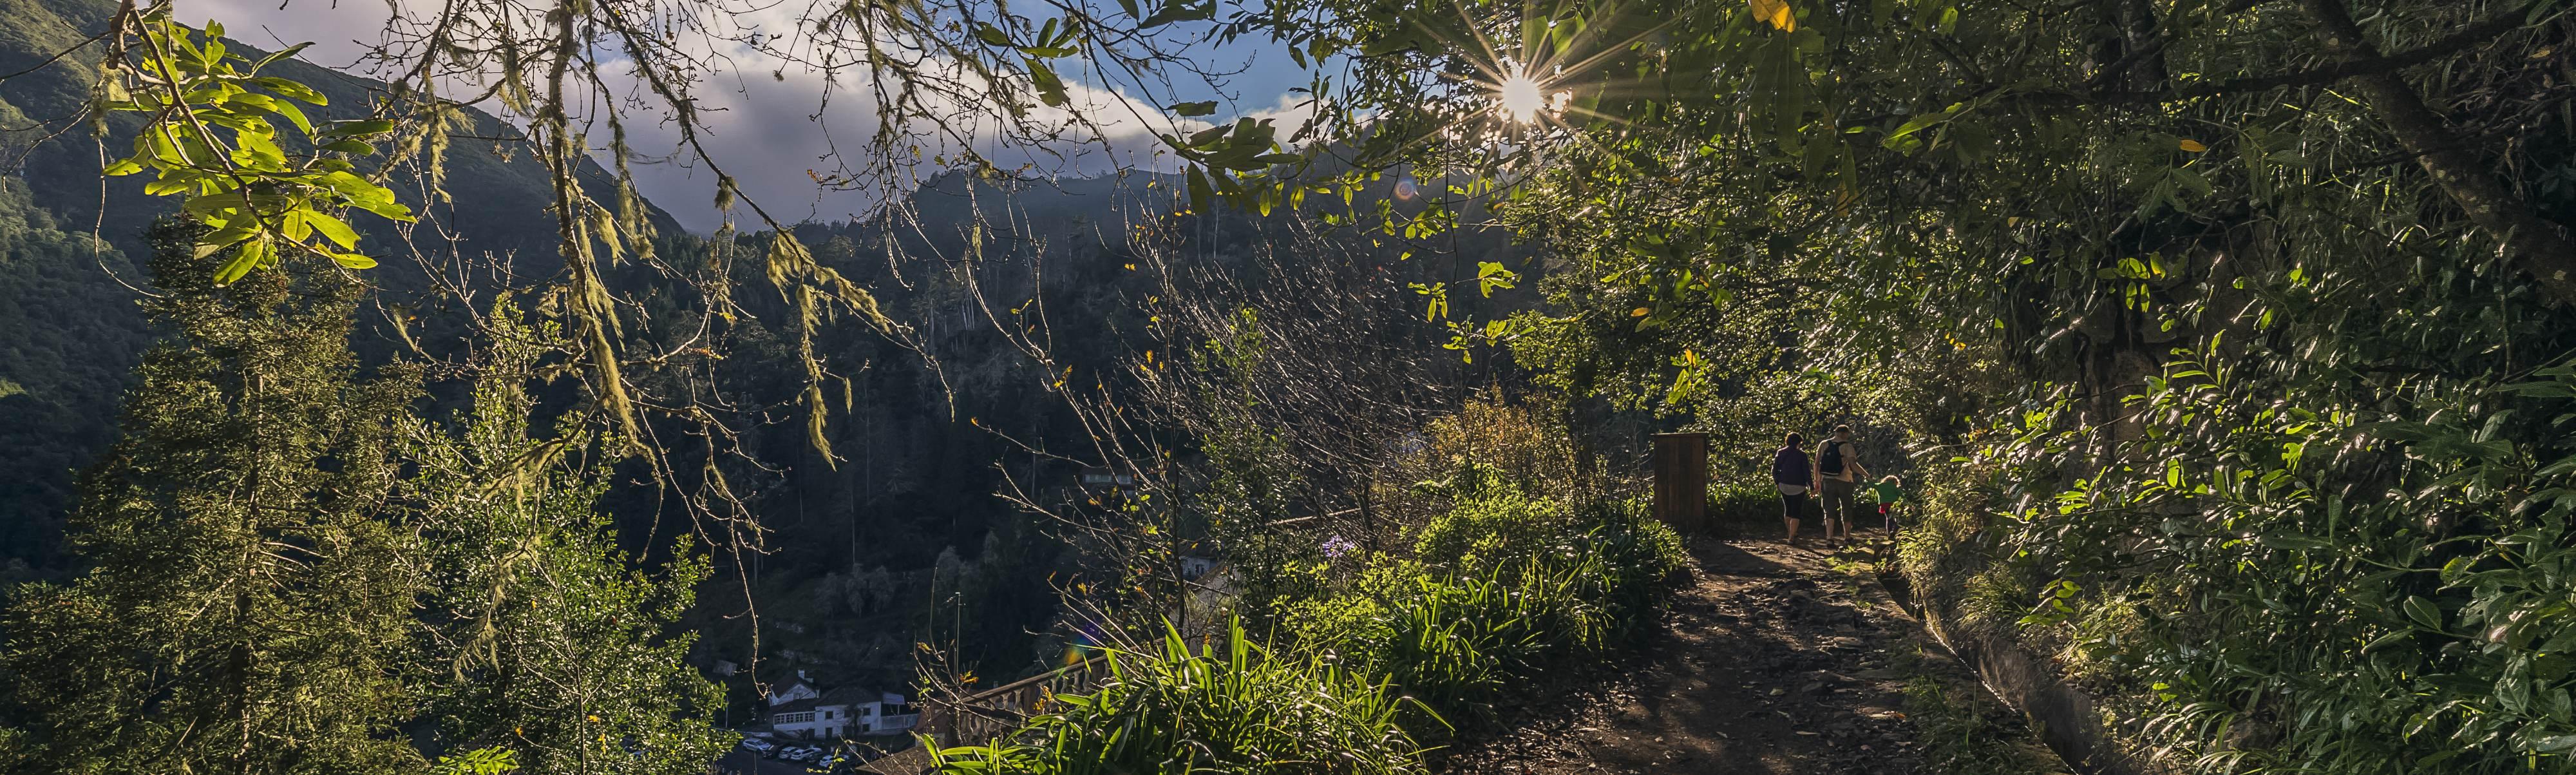 Individuell Wandern Auf Madeira Jetzt Buchen Bei Picotours